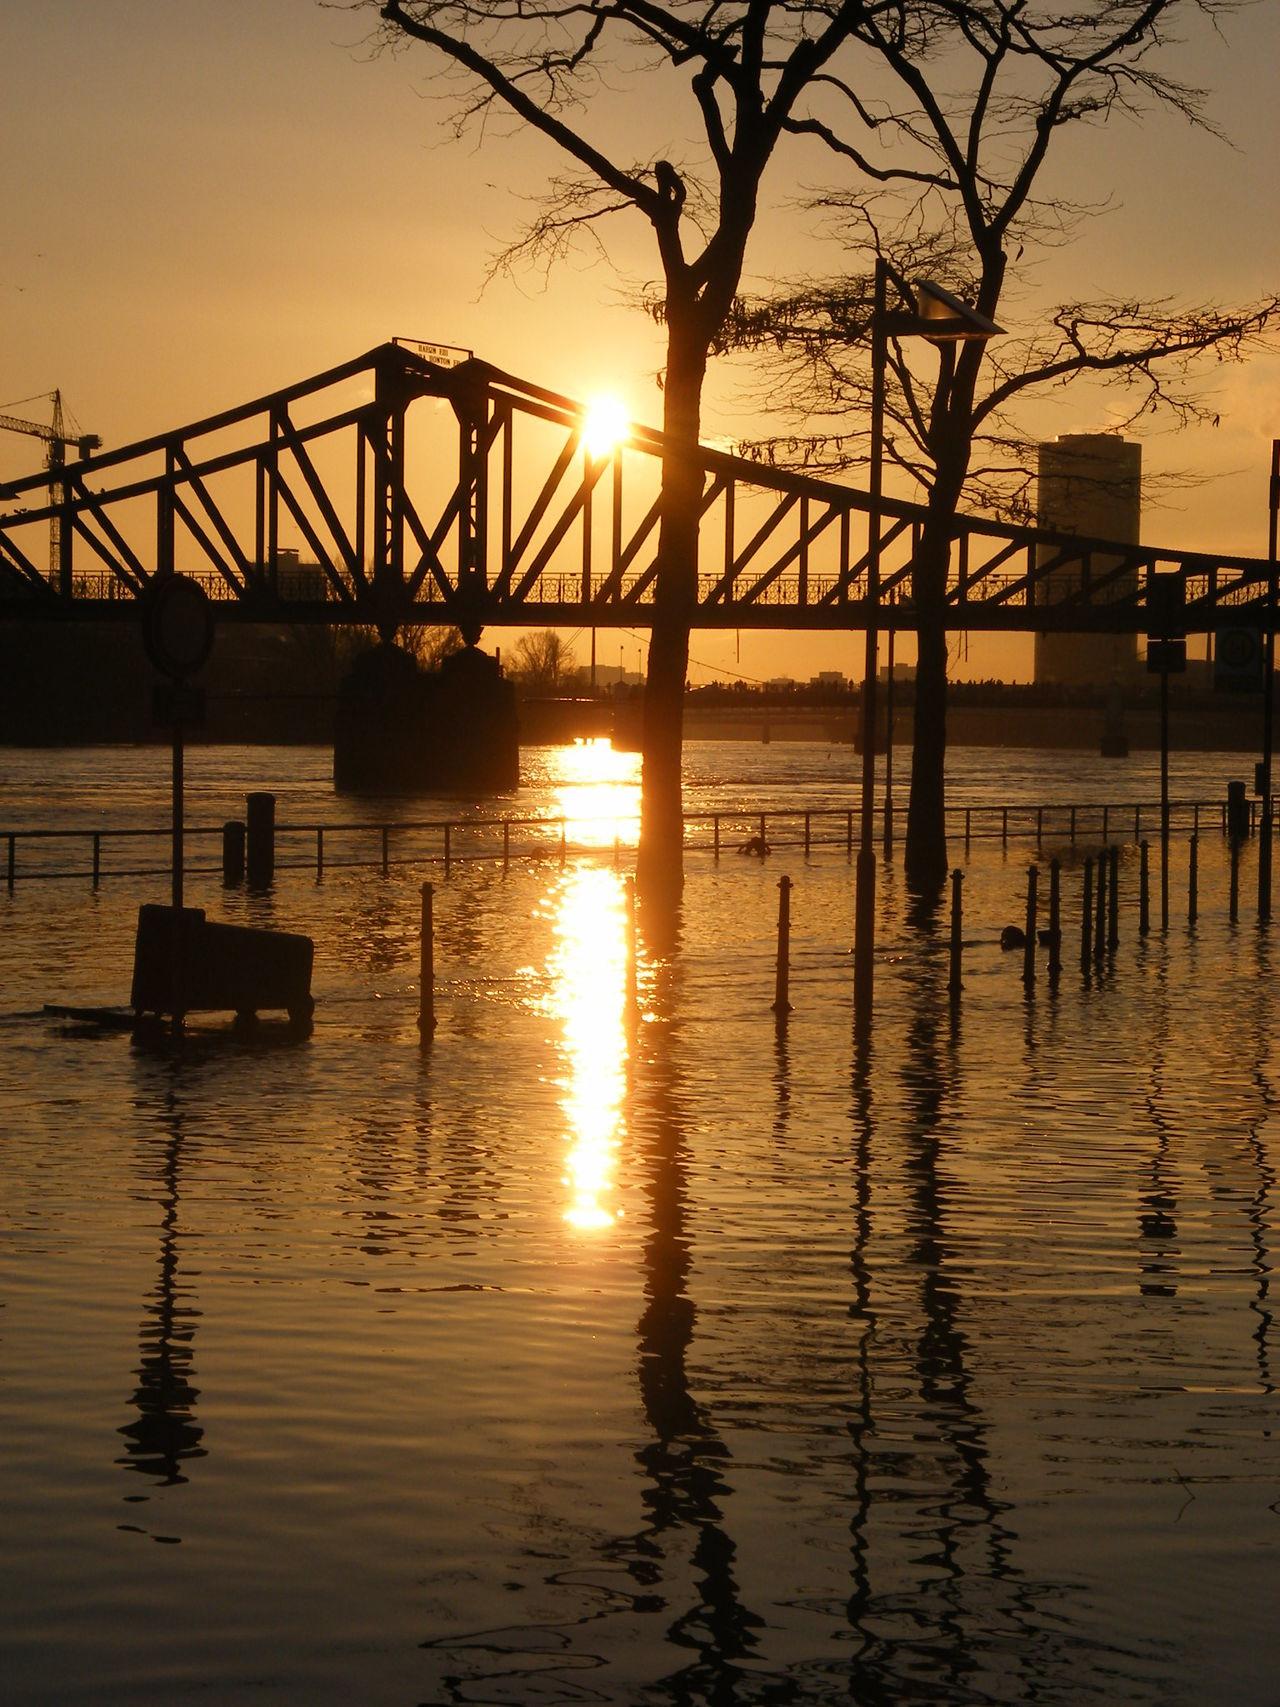 Eiserner Steg Evening Flooding River Golden Light Main Reflections Sunset Tress